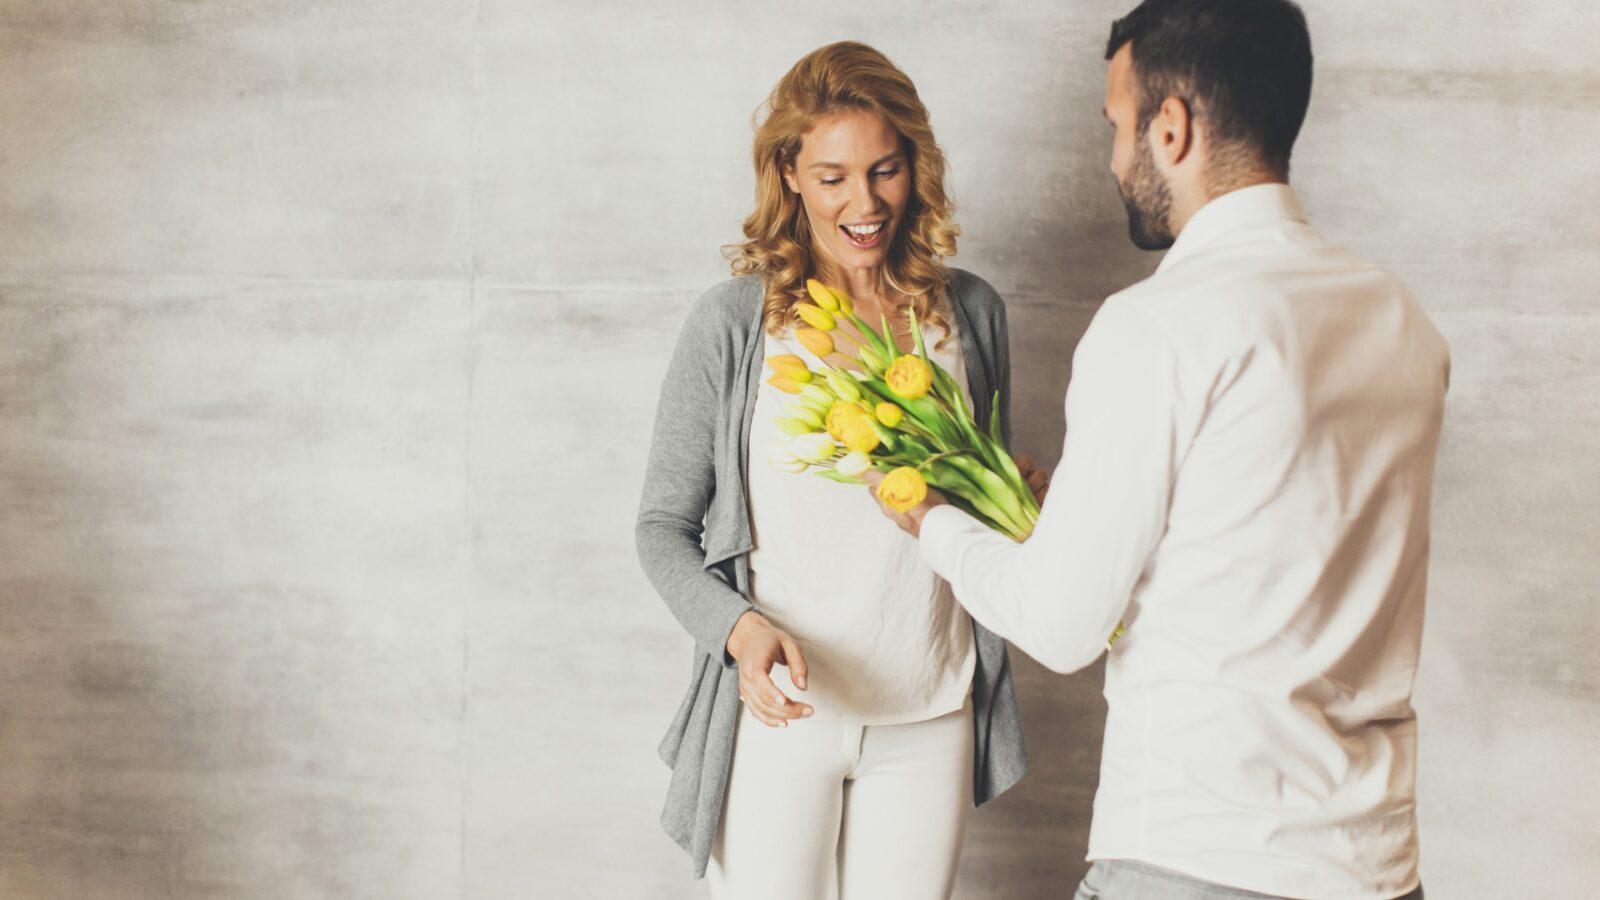 Говорят, если мужчина неуважительно относится к своей женщине, то от него отворачивается удача. Почему так происходит?